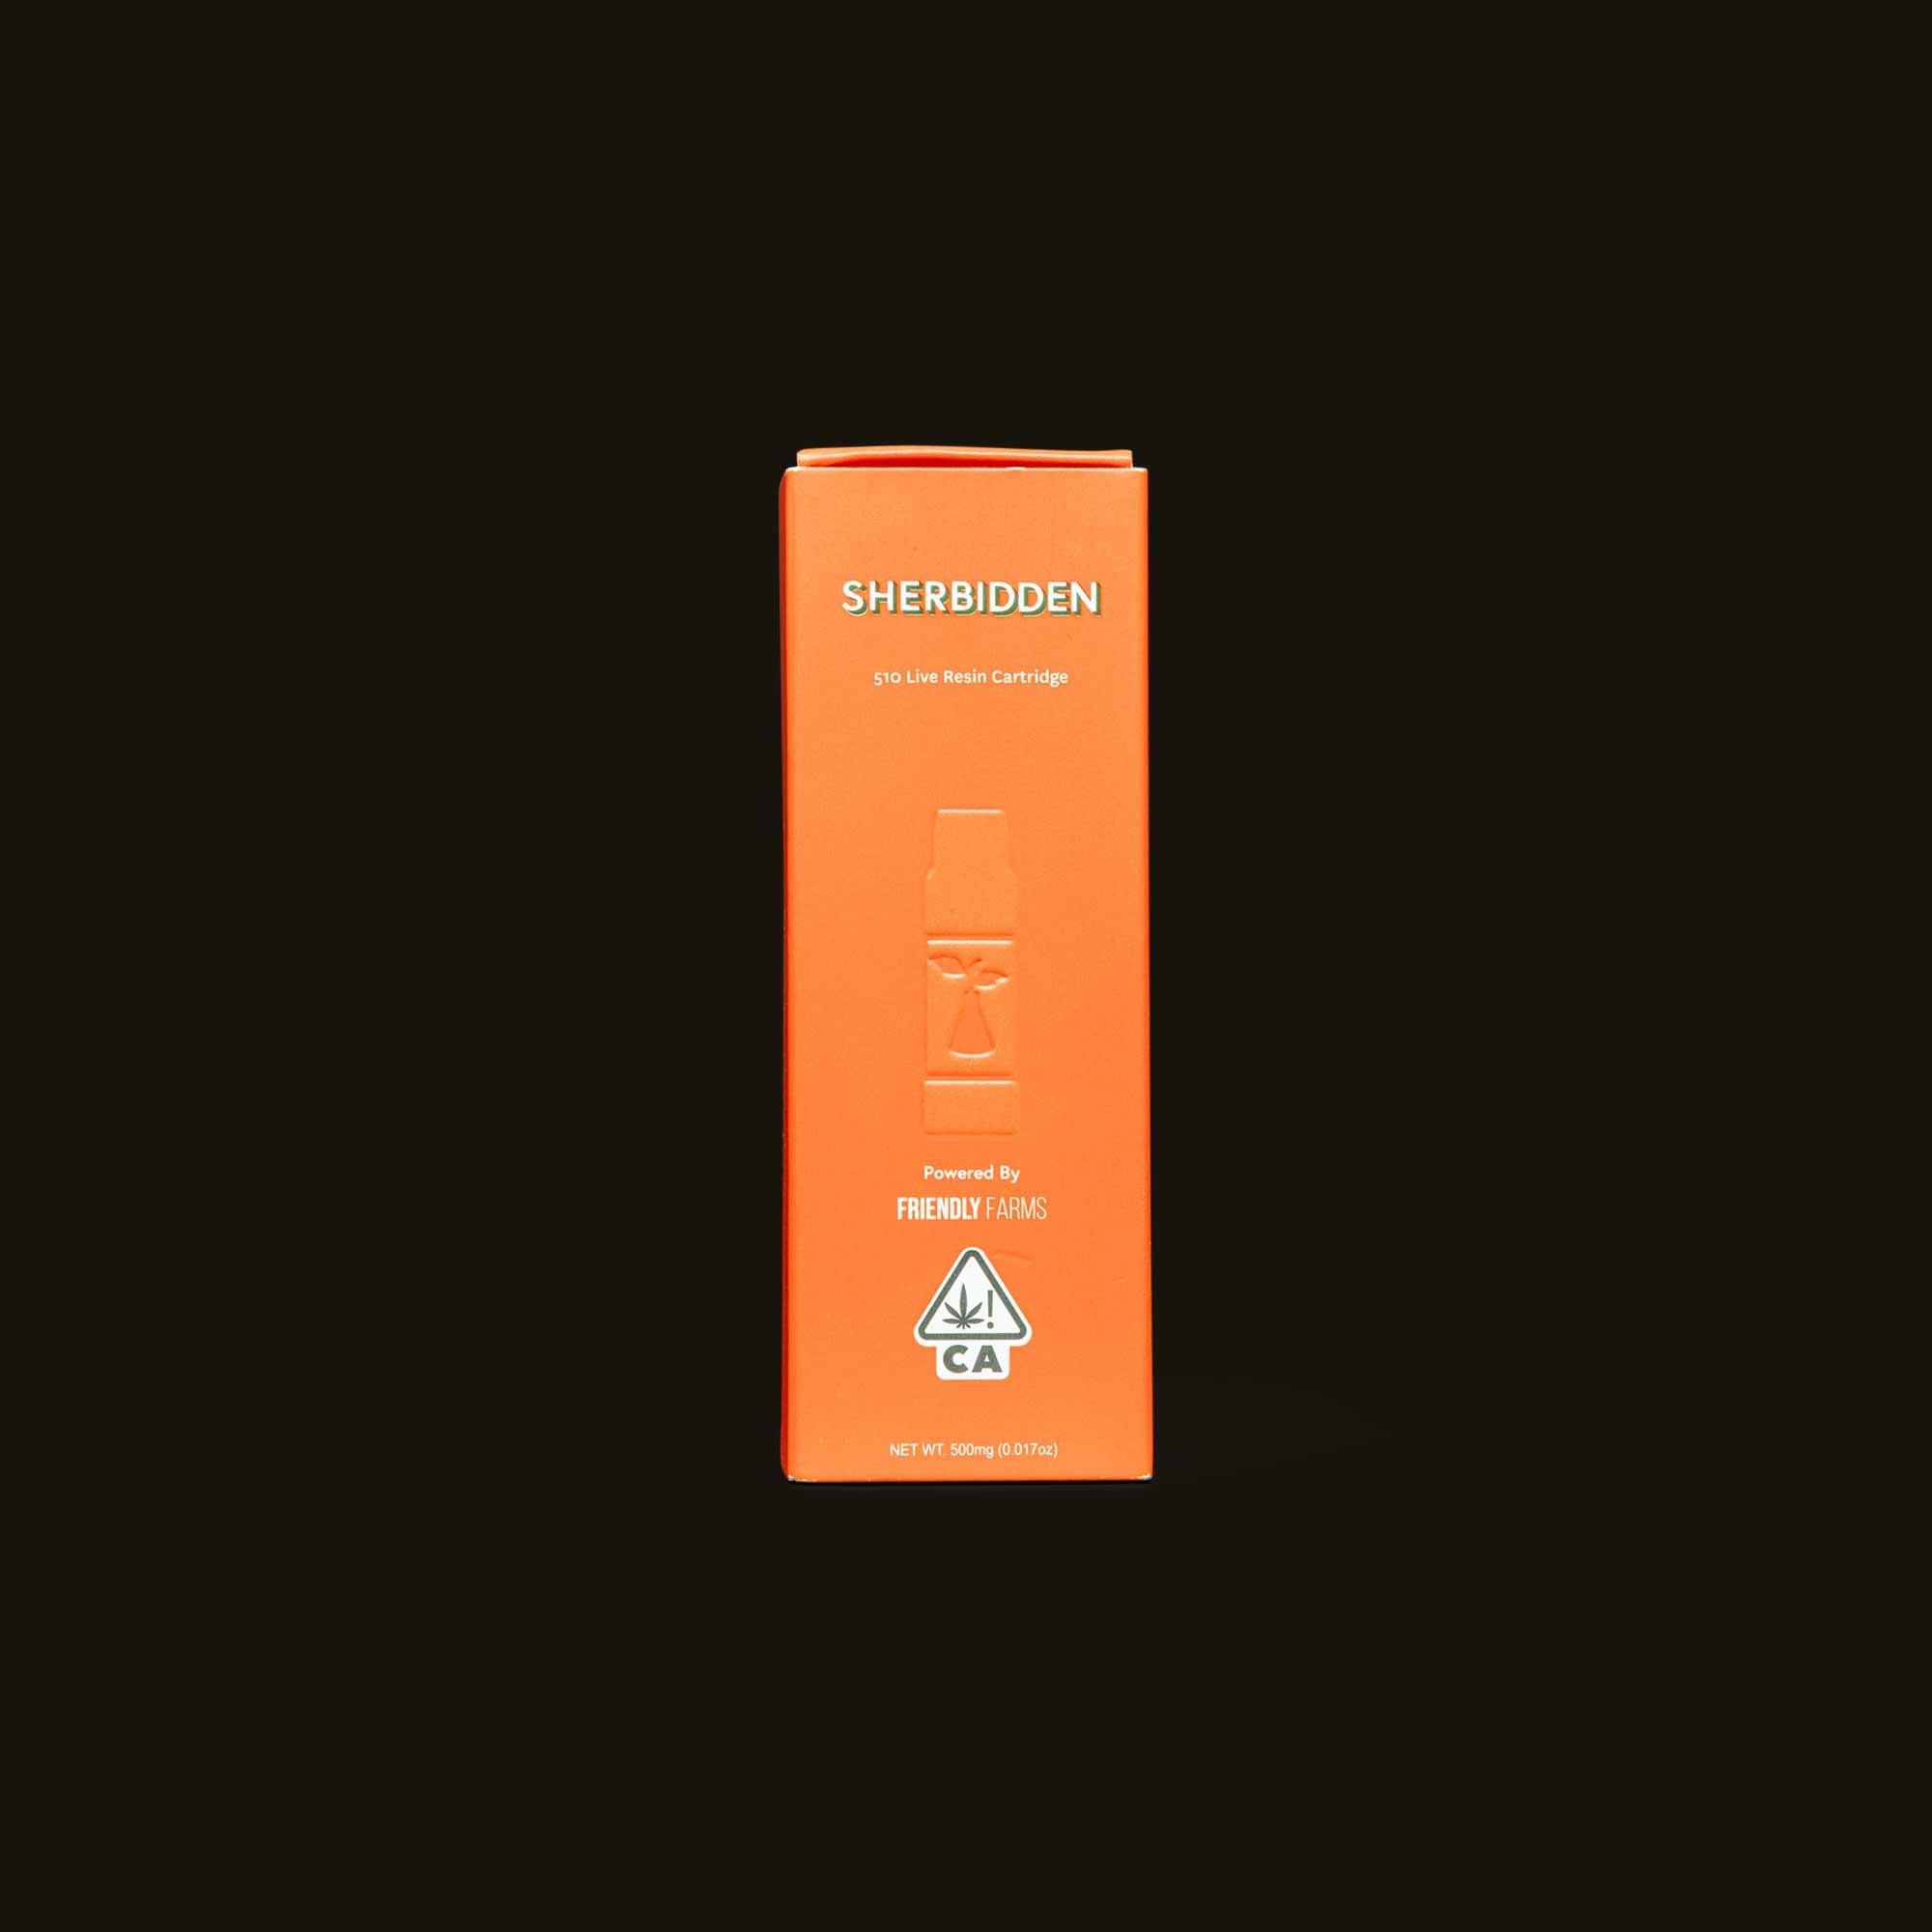 Sherbidden Live Resin Cartridge - 500mg cartridge